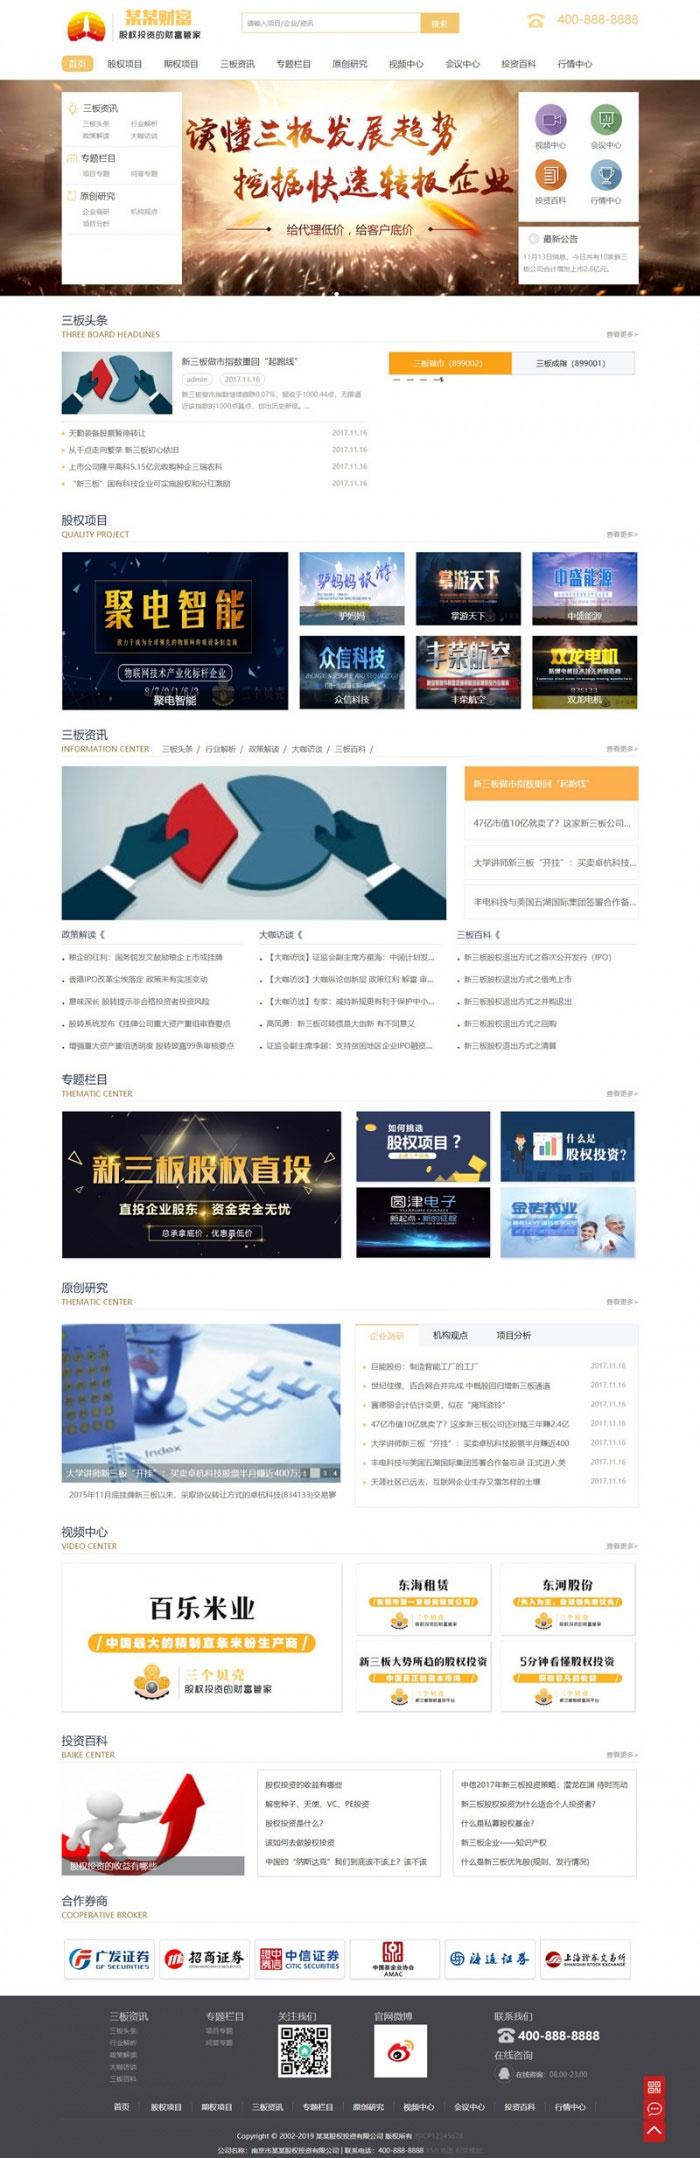 爱上源码网文章整站源码织梦dedecms财富管理企业网站模板(带手机移动端)的内容插图